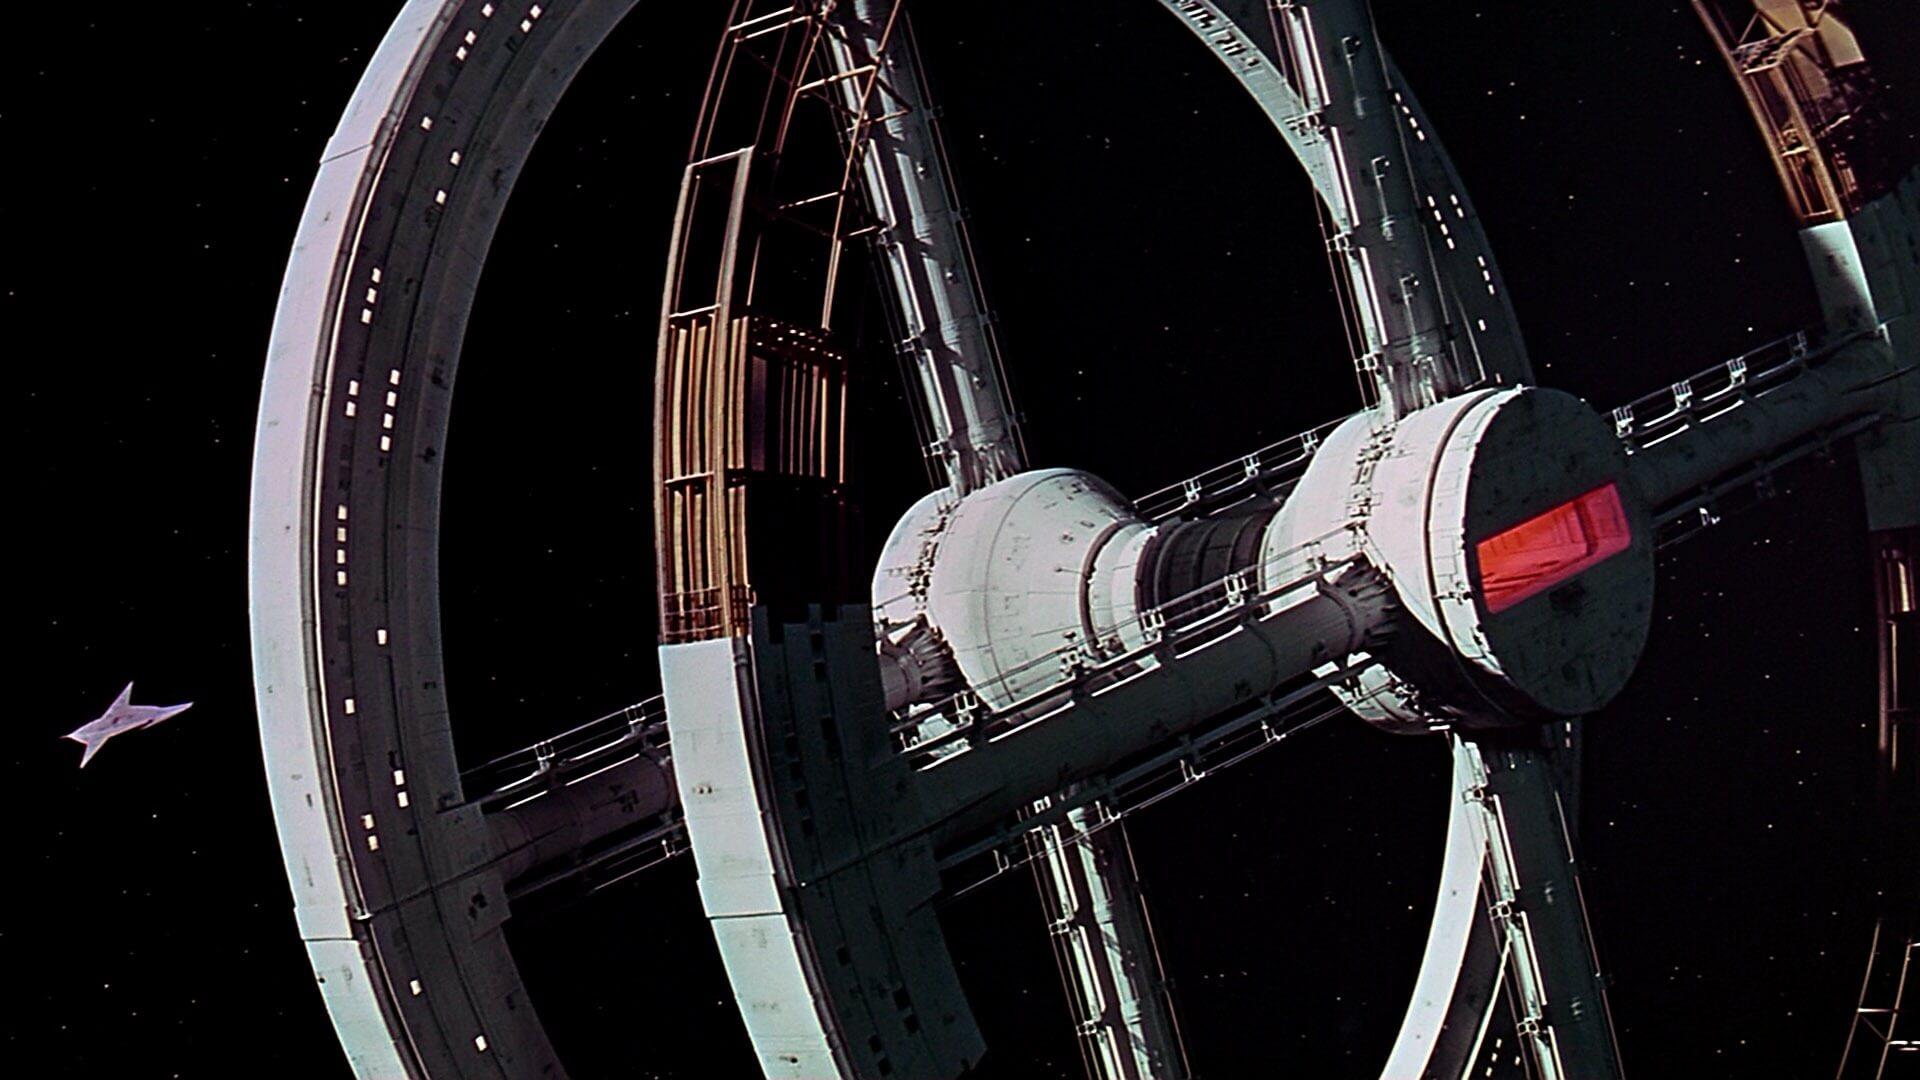 【電影背後】珍奇道具考古:逃過導演狠心銷毀的《2001太空漫遊》文物首圖